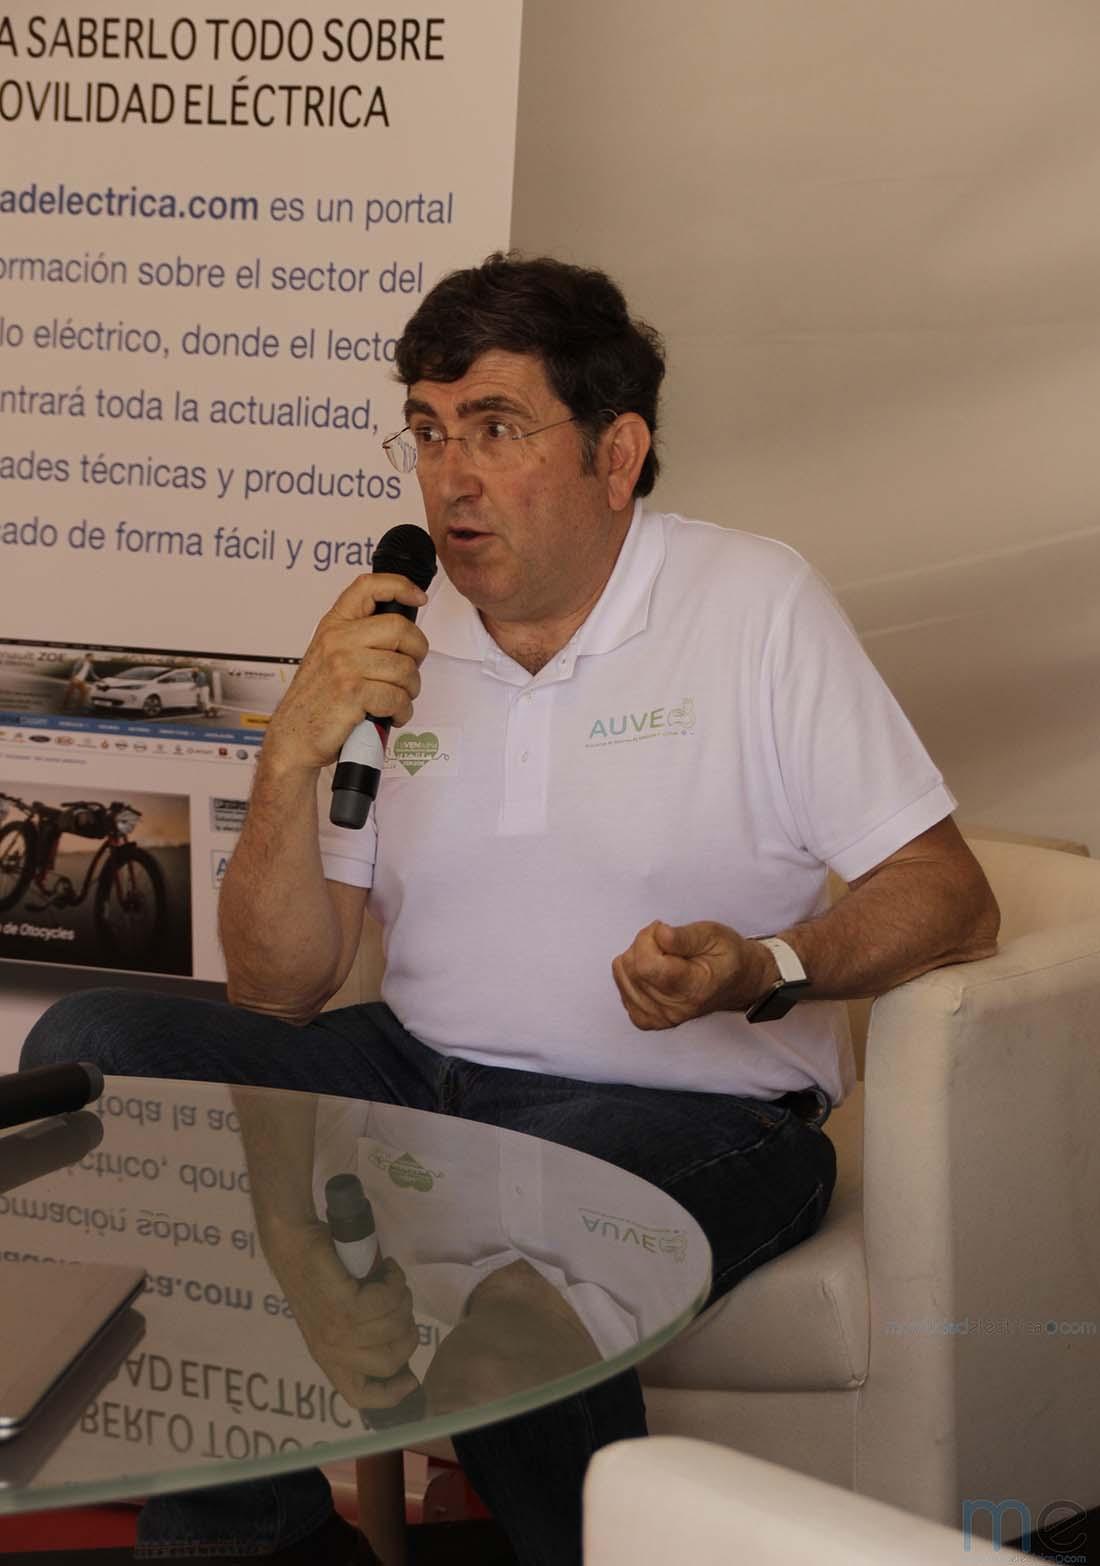 Fernando Pina Delegado en Madrid de AUVE